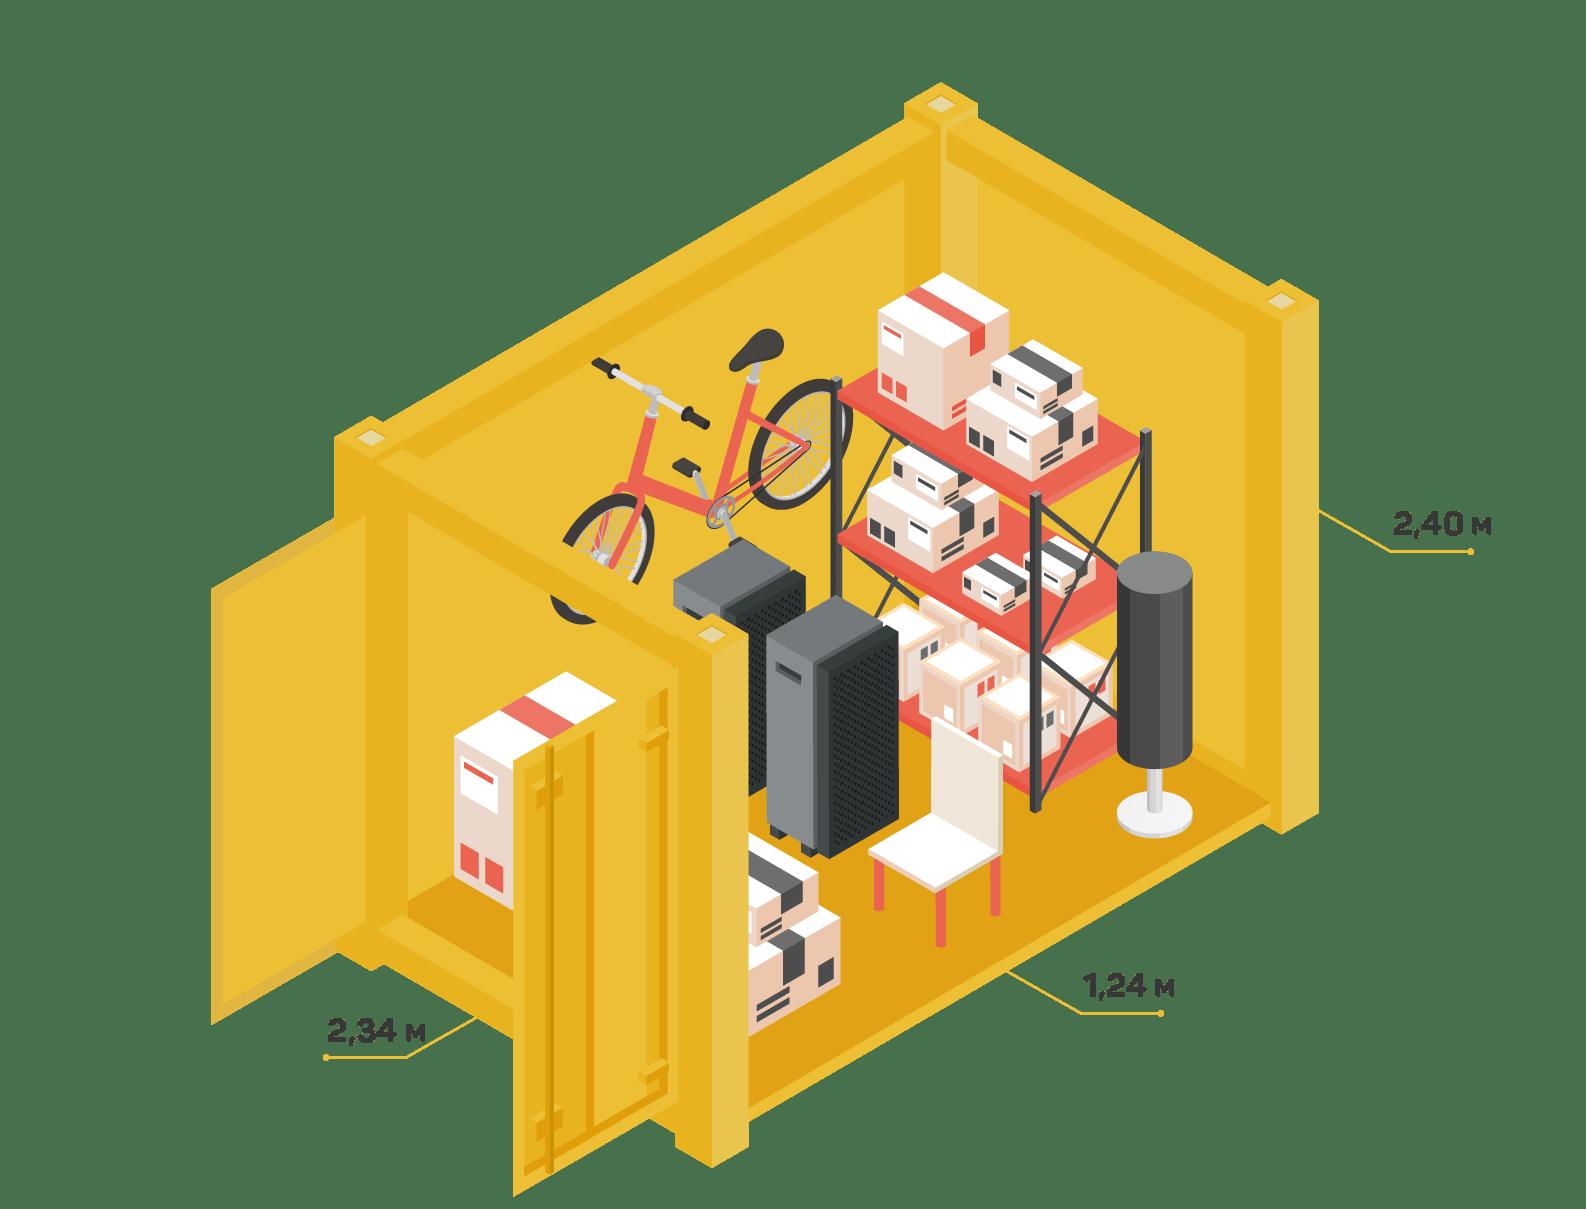 склад для хранения вещей